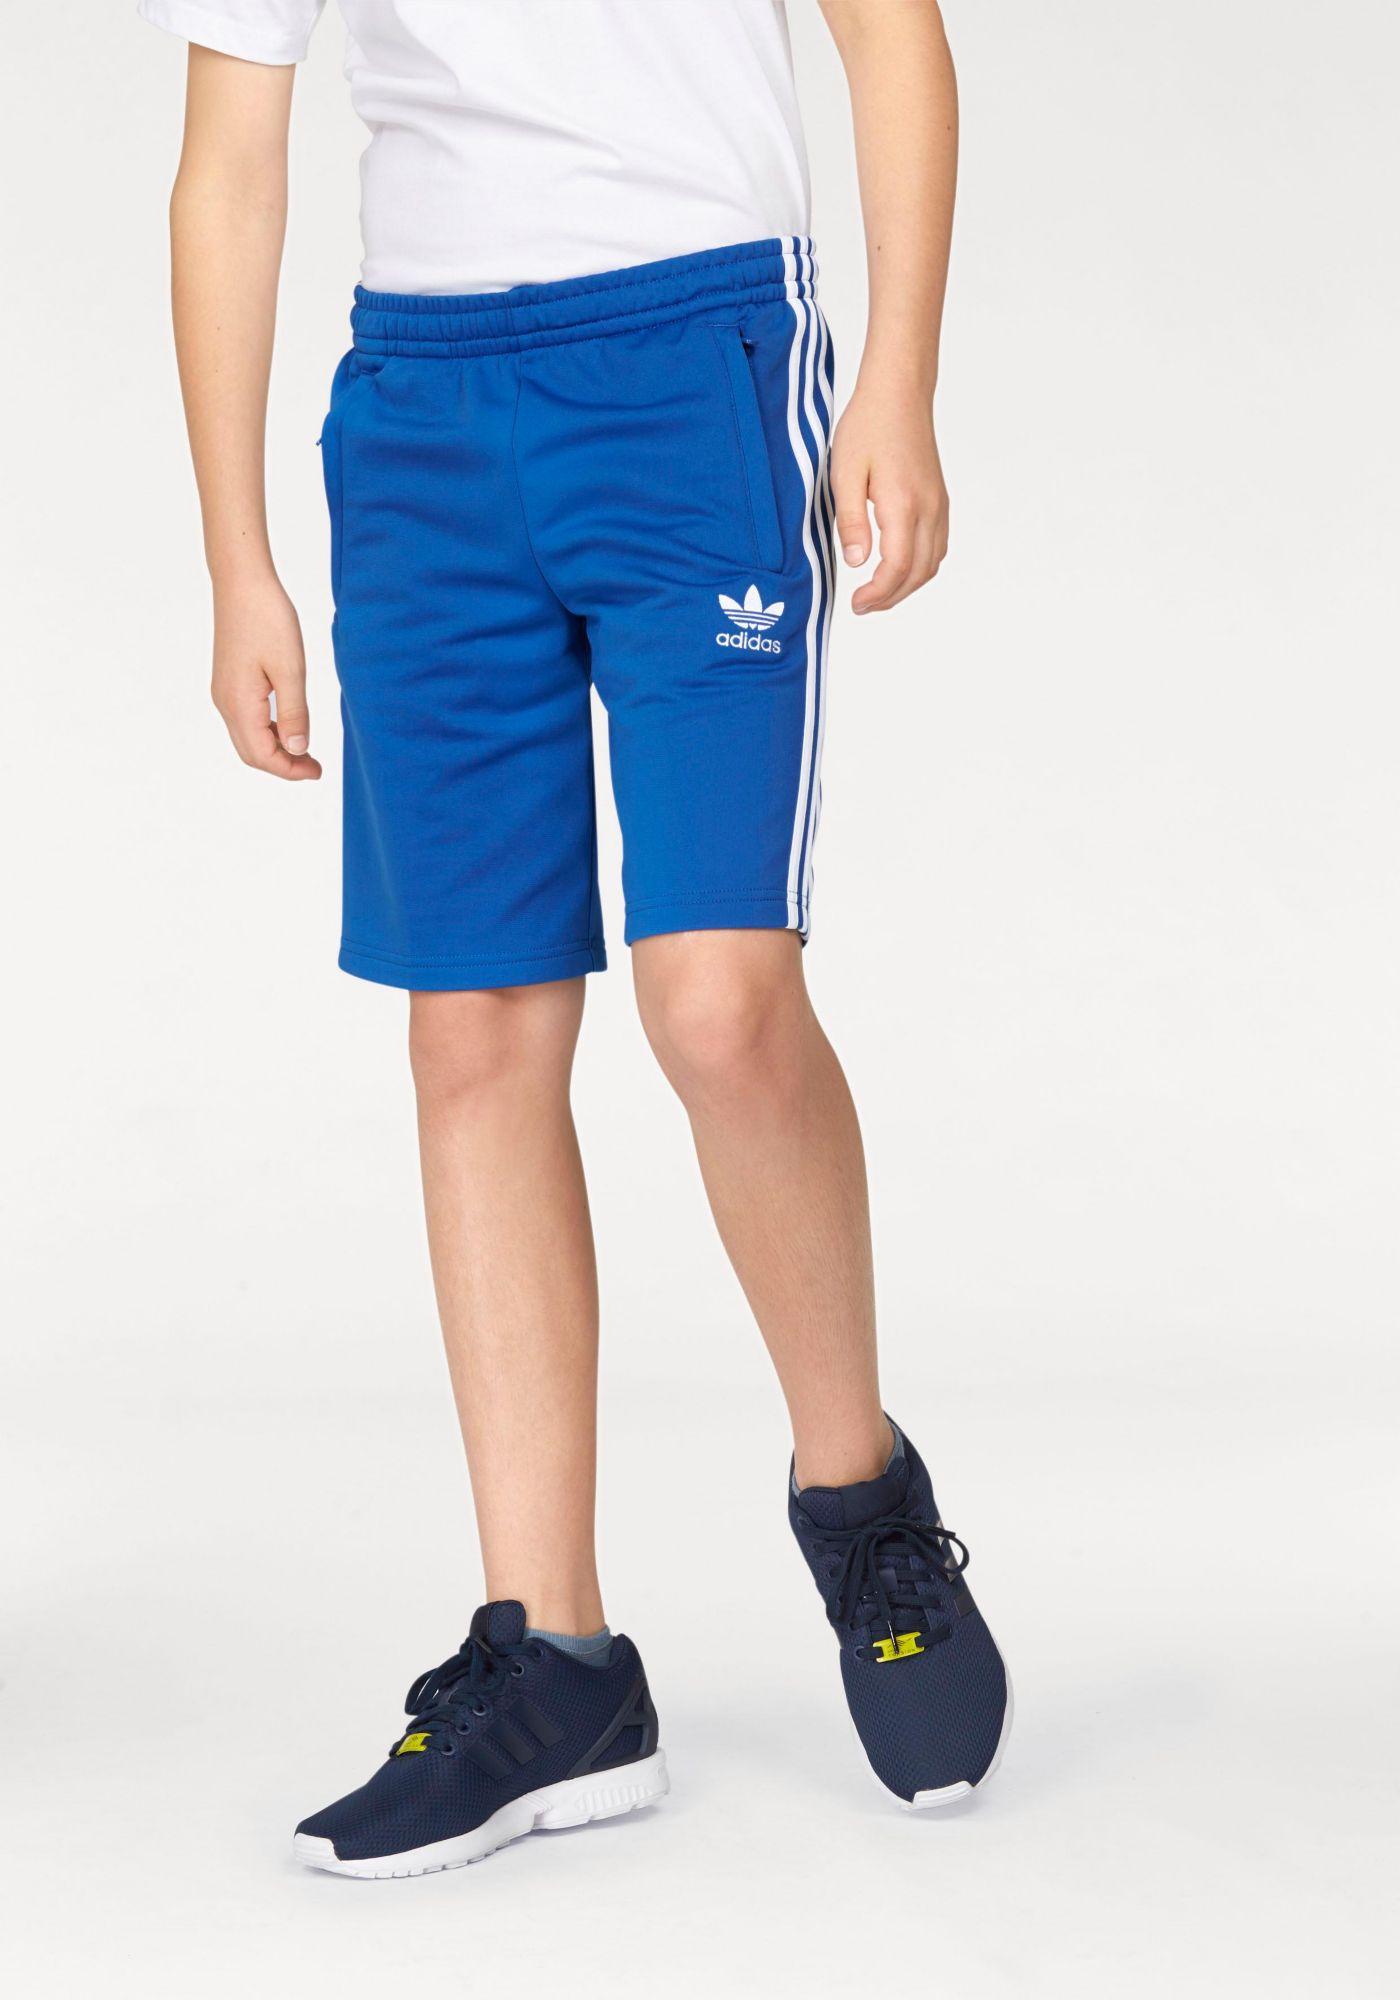 ADIDAS ORIGINALS adidas Originals Shorts »J SHORTS«